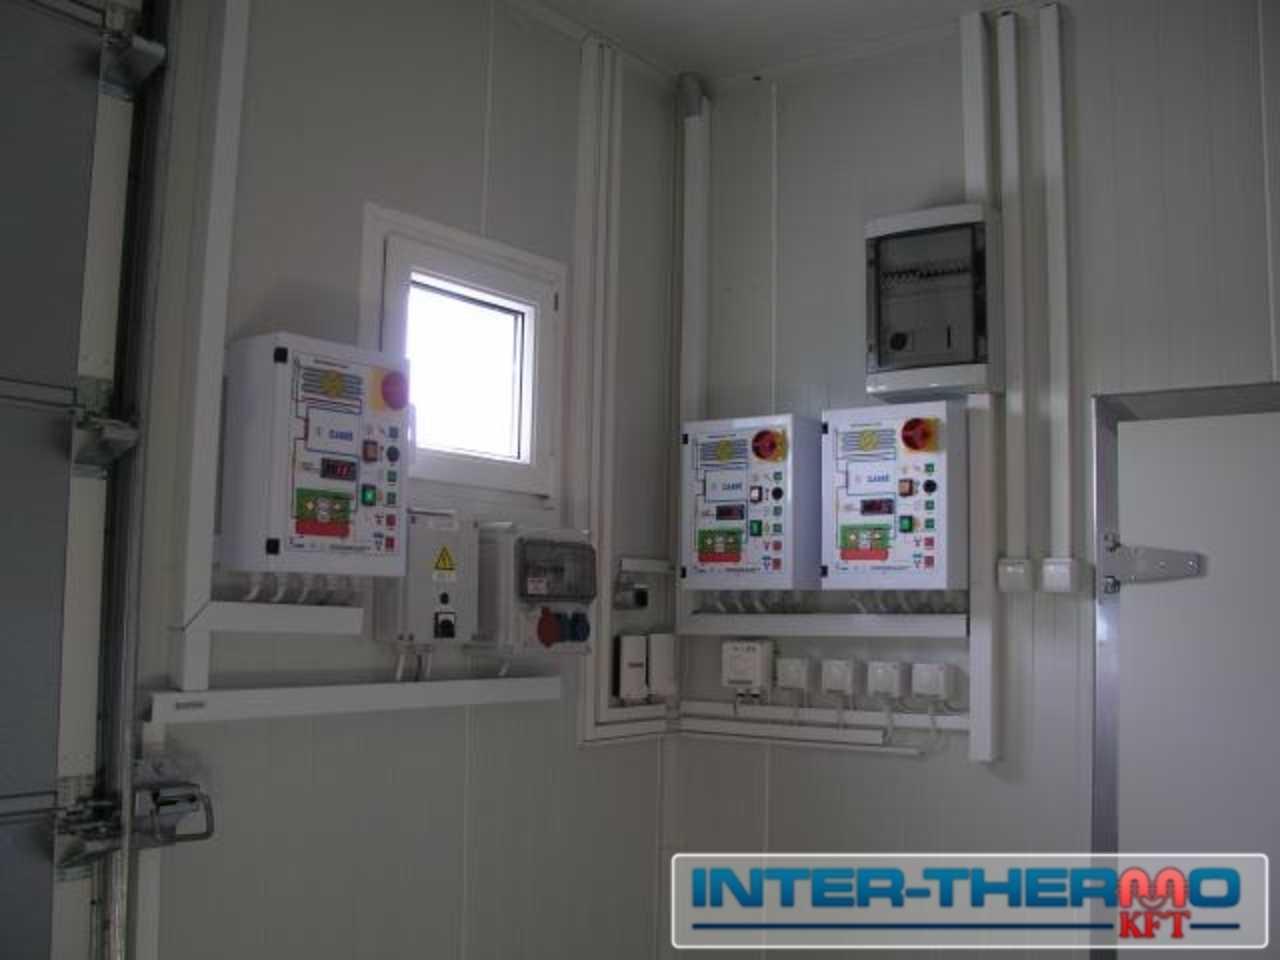 Hűtőkamra vezérlőszekrények